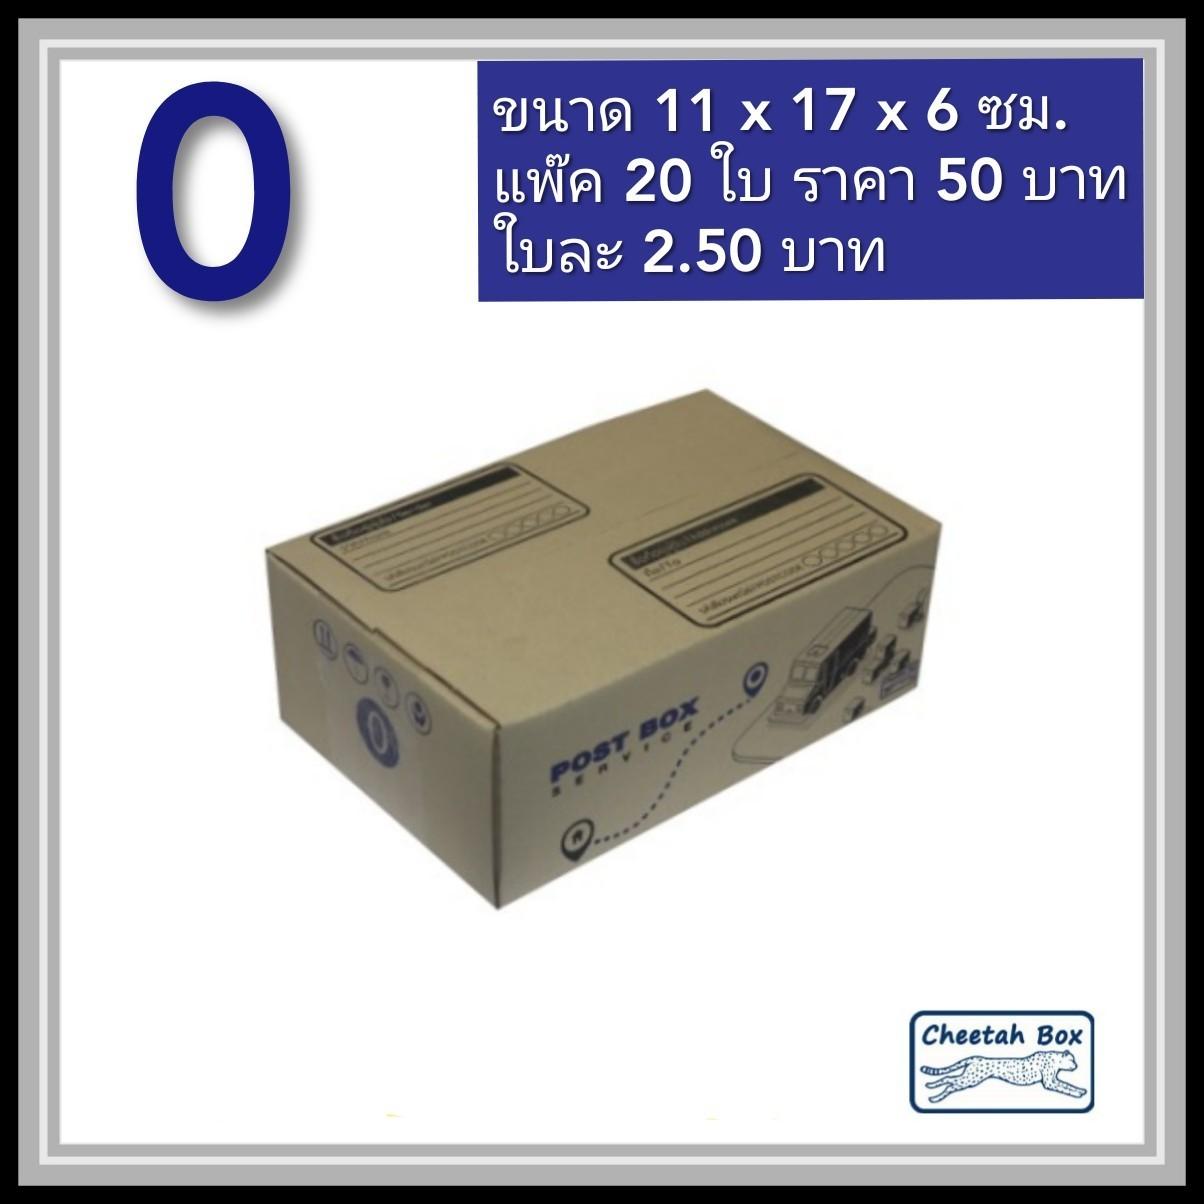 กล่องไปรษณีย์ 0 (Cheetah Box ขนาด 11*17*6 CM)